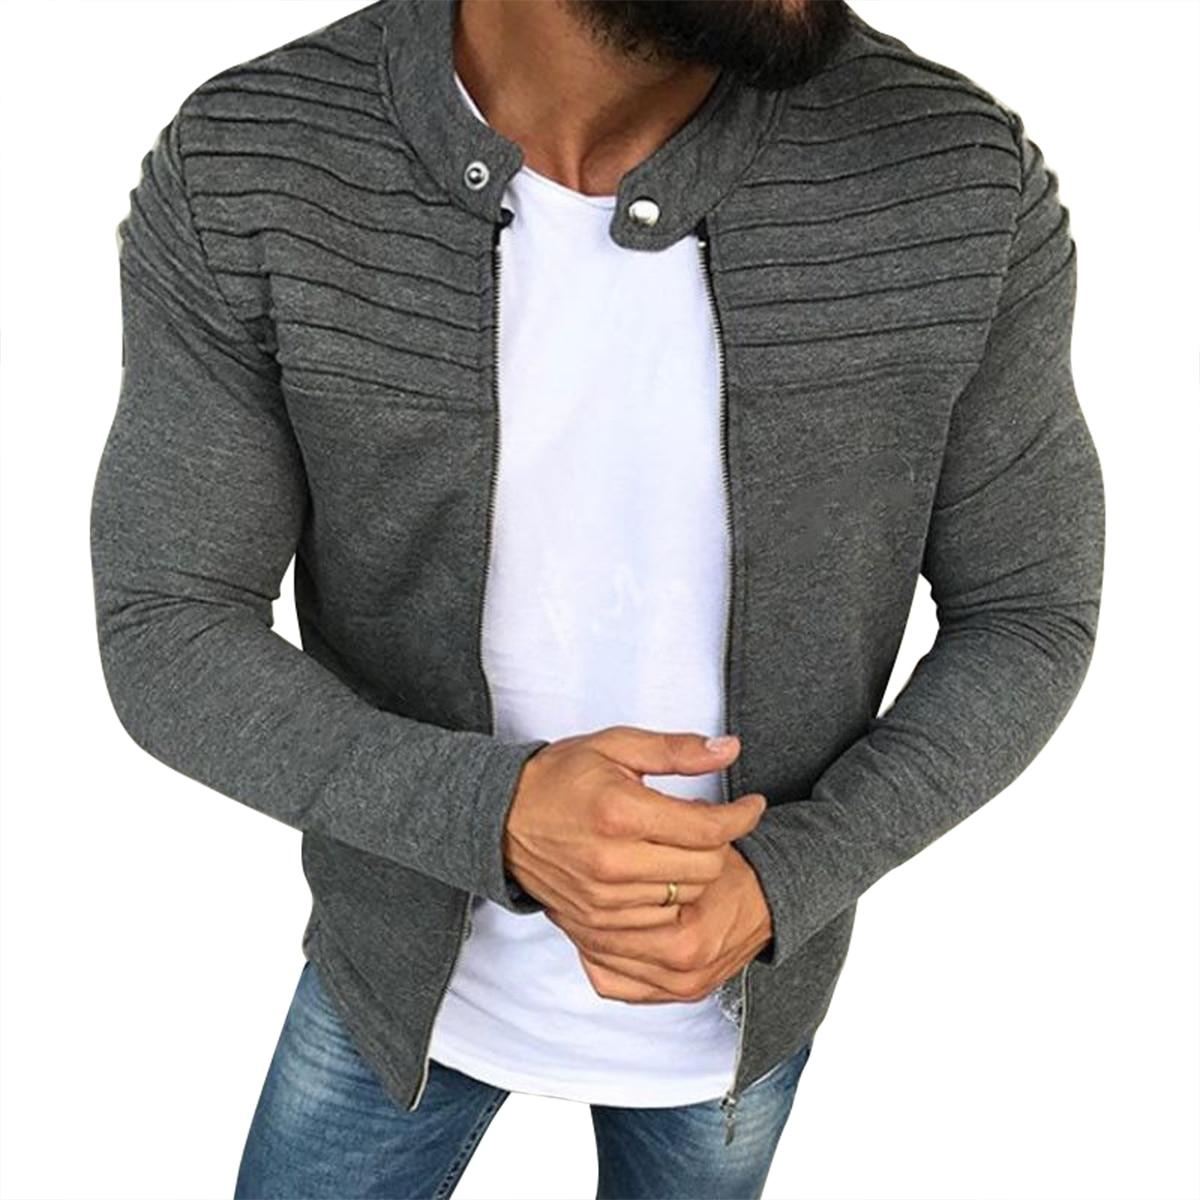 Meihuida Autumn Winter Plus Size Men Slim Casual Warm Solid Hooded Sweatshirt Coat Jacket Outwear Sweater